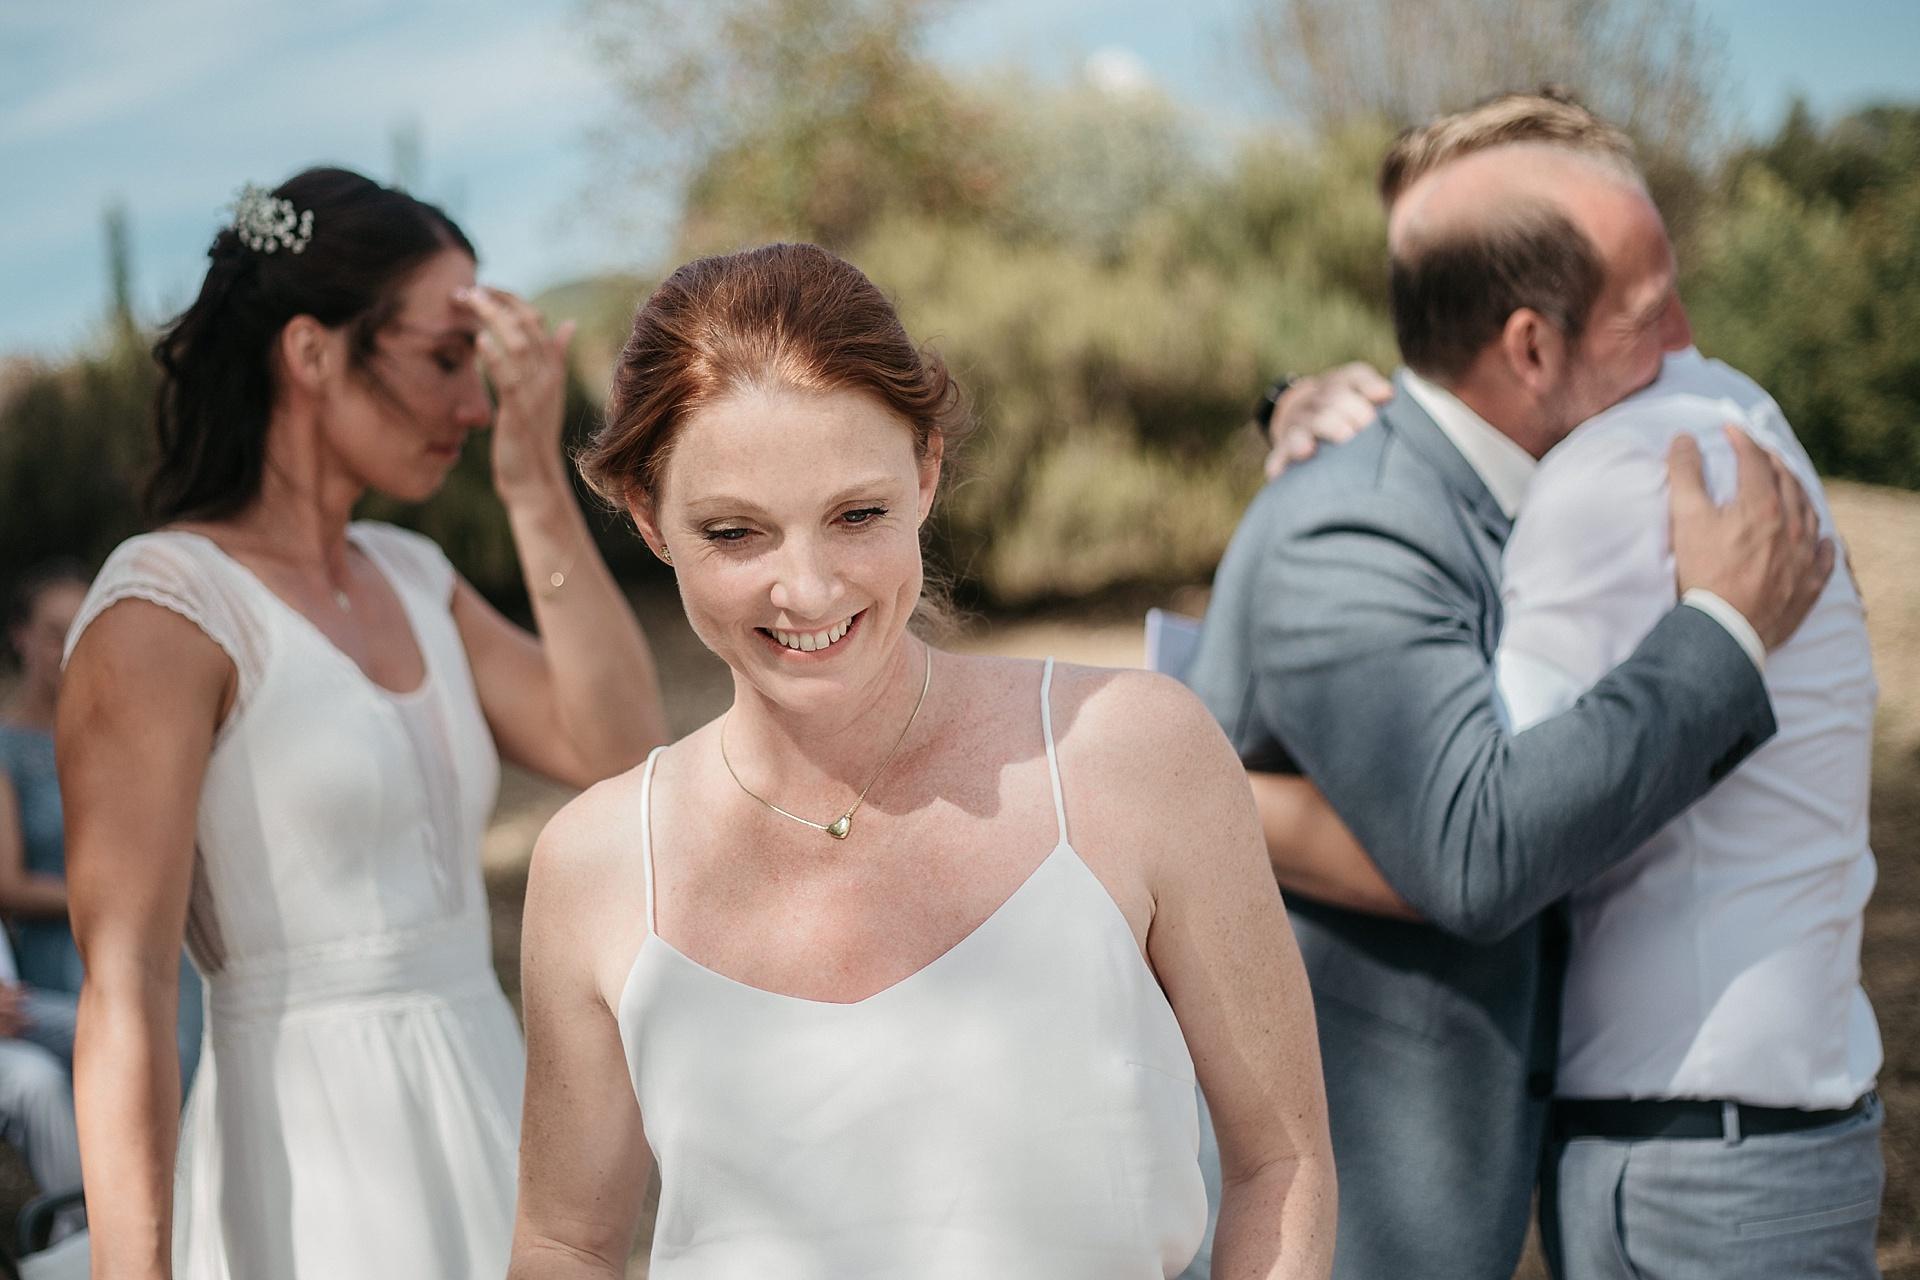 Traumhafte Hochzeit in der Provence. Die Trauzeugen halten eine emotionale Rede.